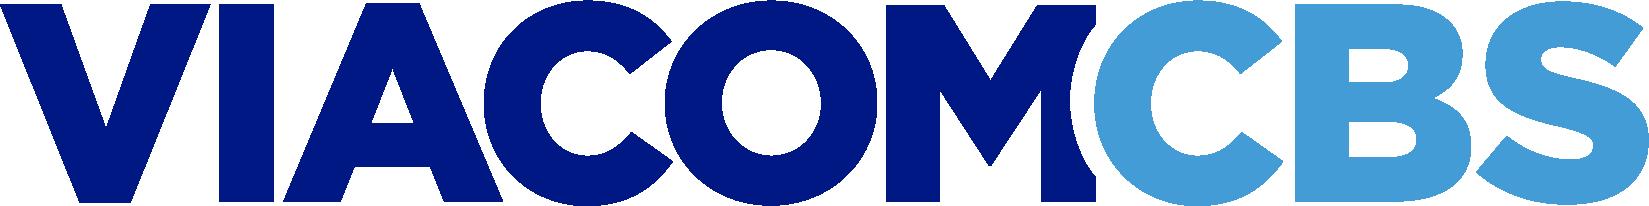 ViacomCBS Logo png